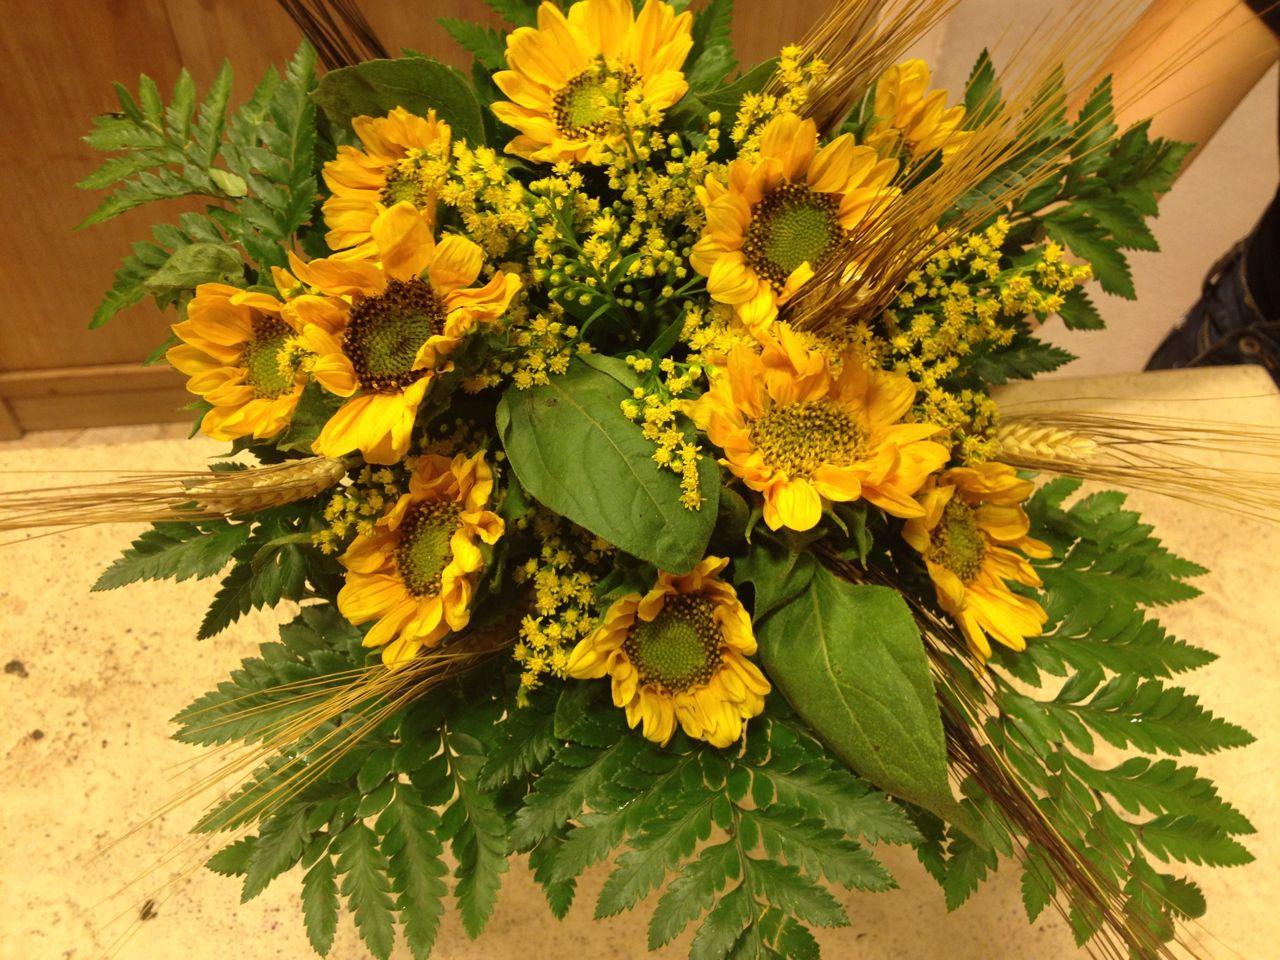 Elisabetta fiori e piante bouquet di girasoli e grano - Interflora contatti ...